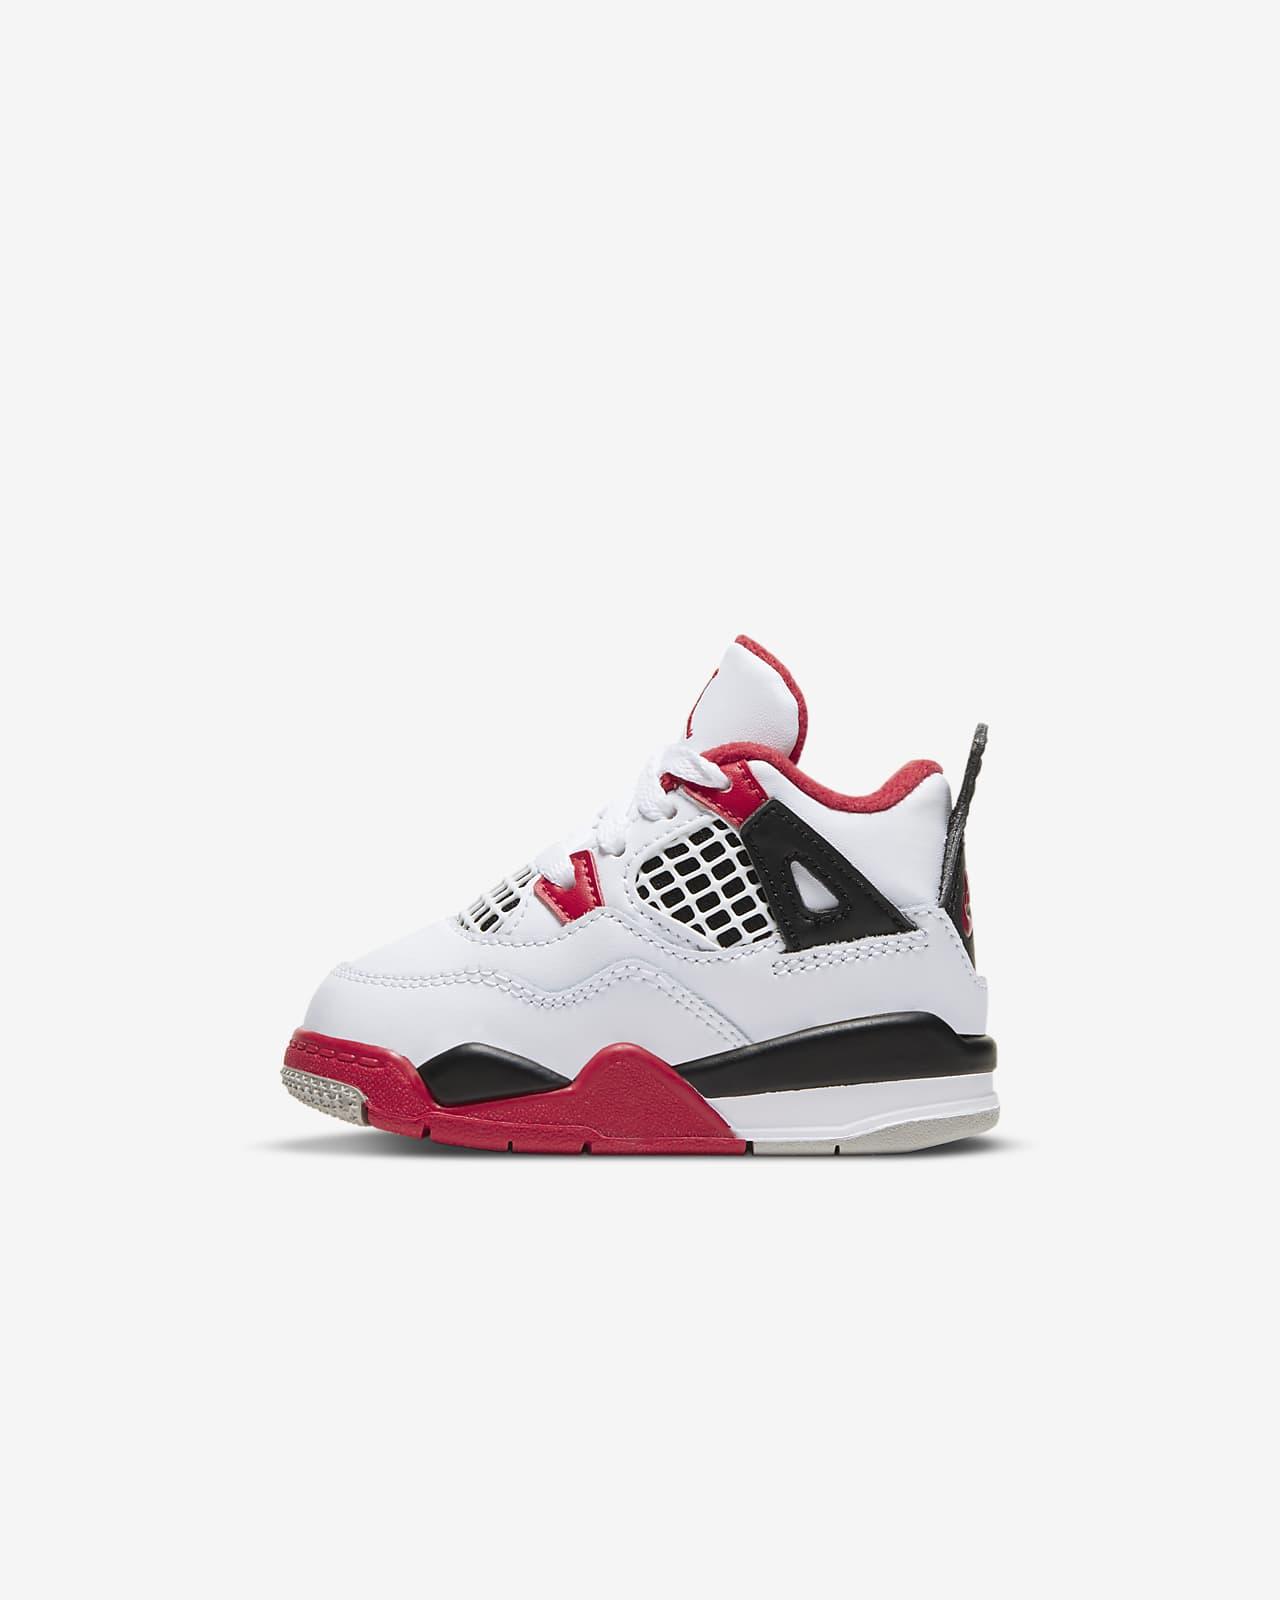 Jordan 4 Retro Baby/Toddler Shoe